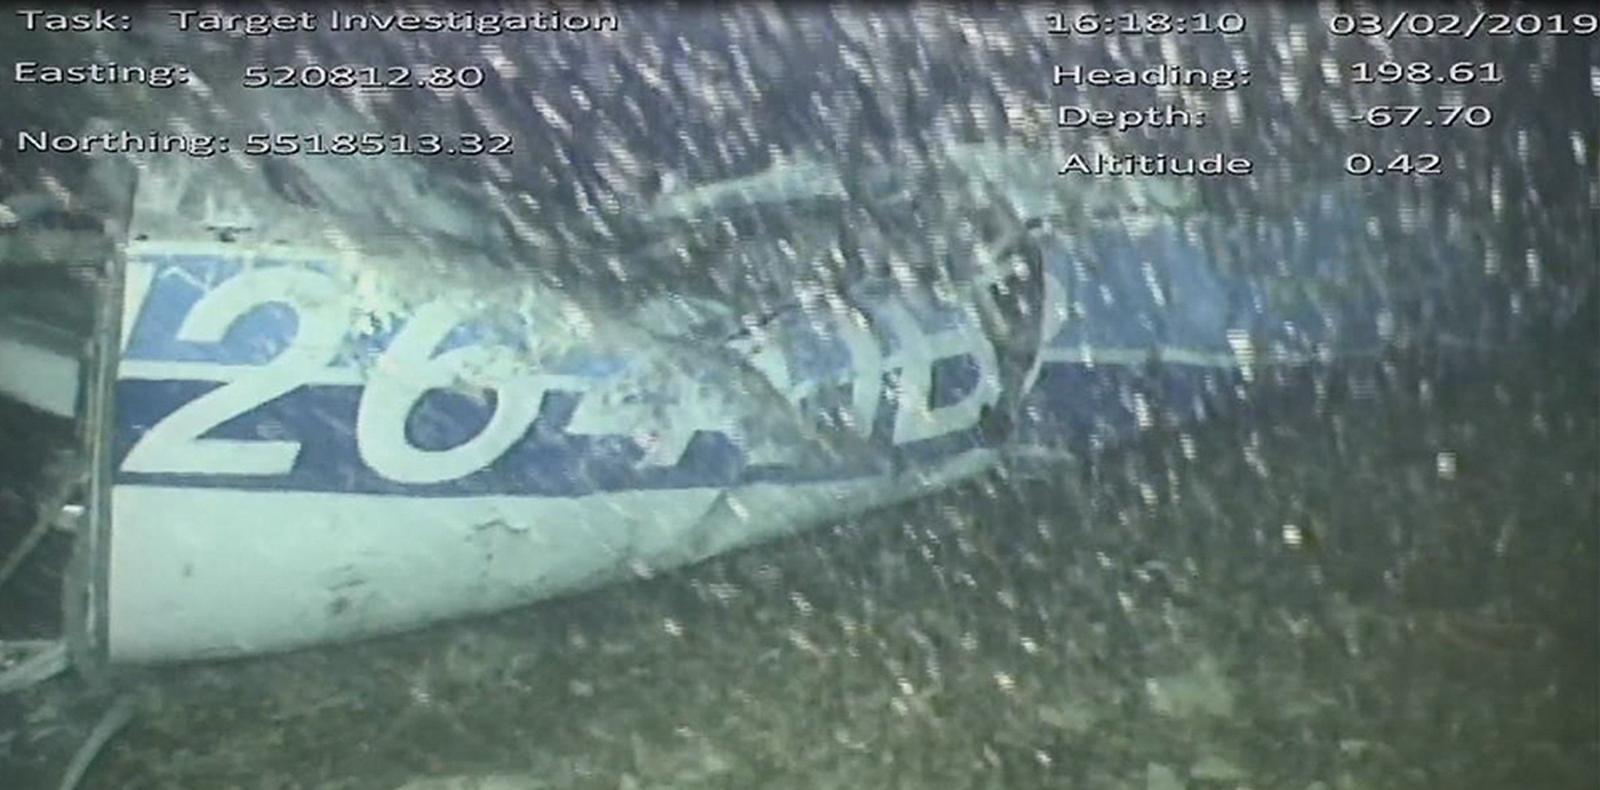 """ตร.ยืนยัน ร่างที่พบในซากเครื่องบินใต้ทะเล คือ """"ซาล่า"""""""